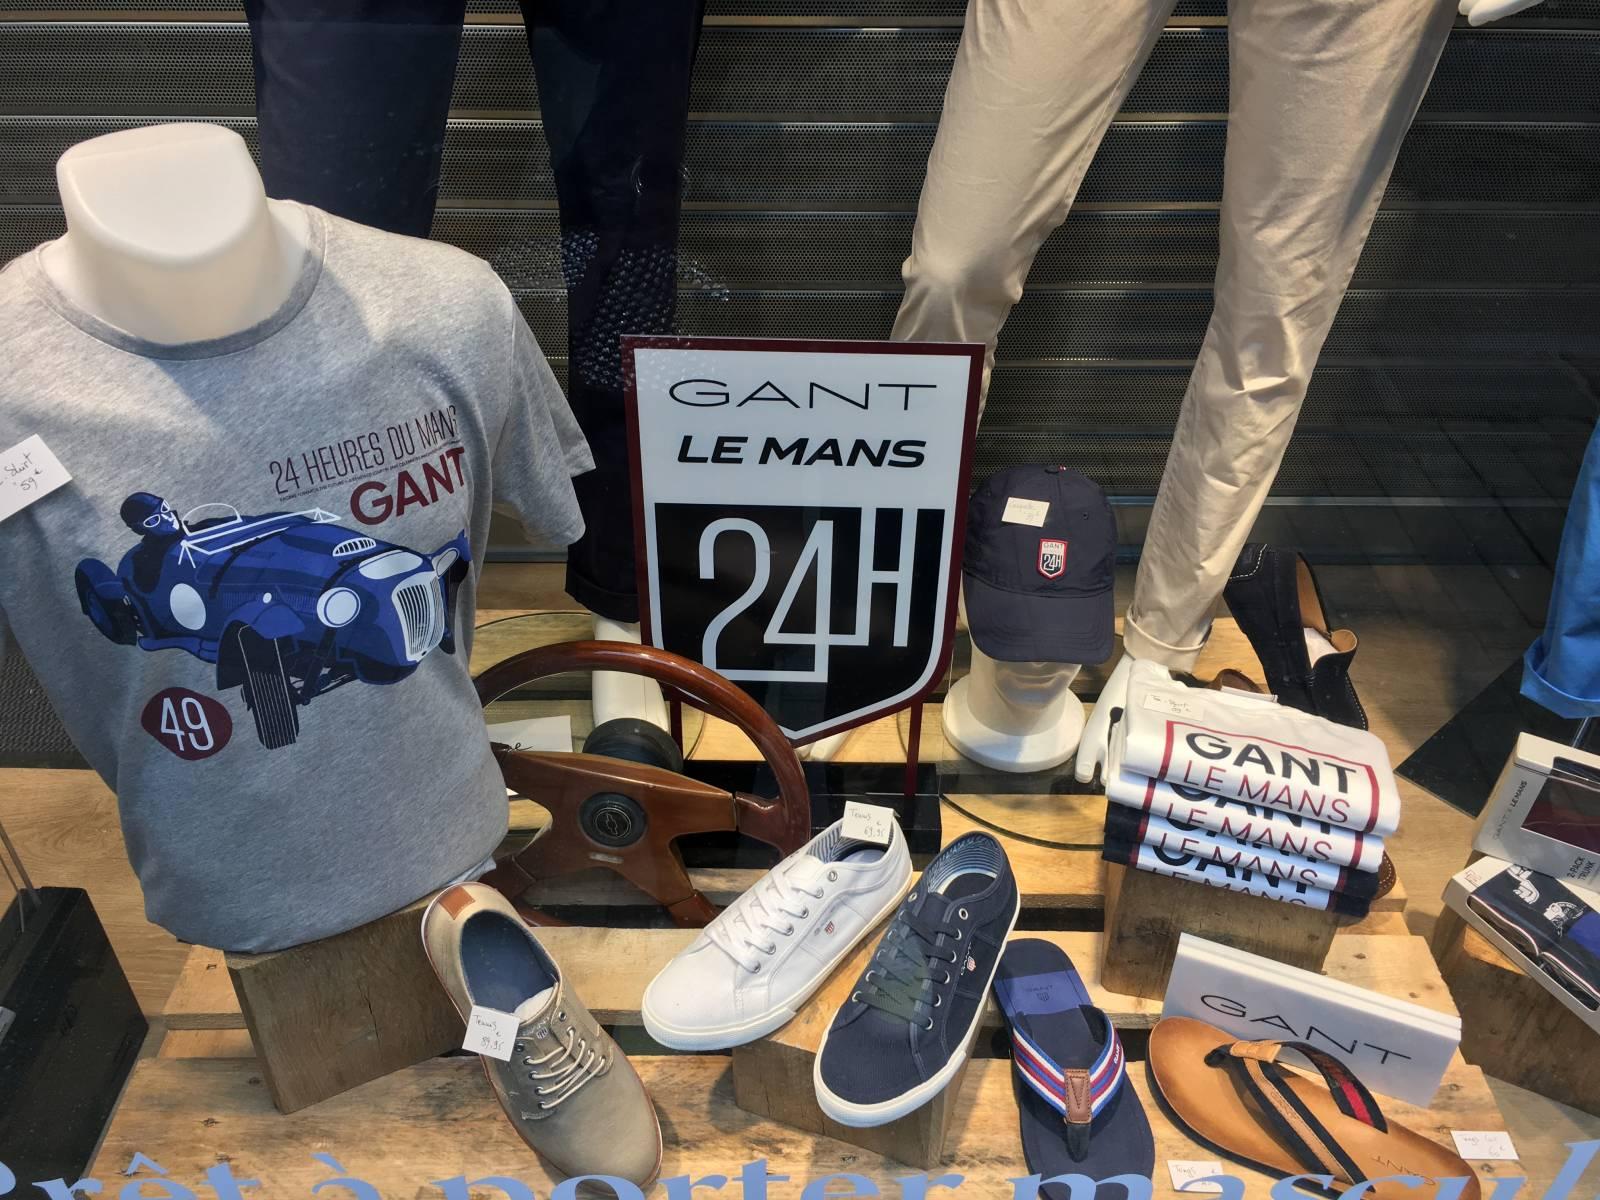 f01dd27c0f8 Boutique revendeur de la marque Gant homme proche de Rouen - Magasin ...